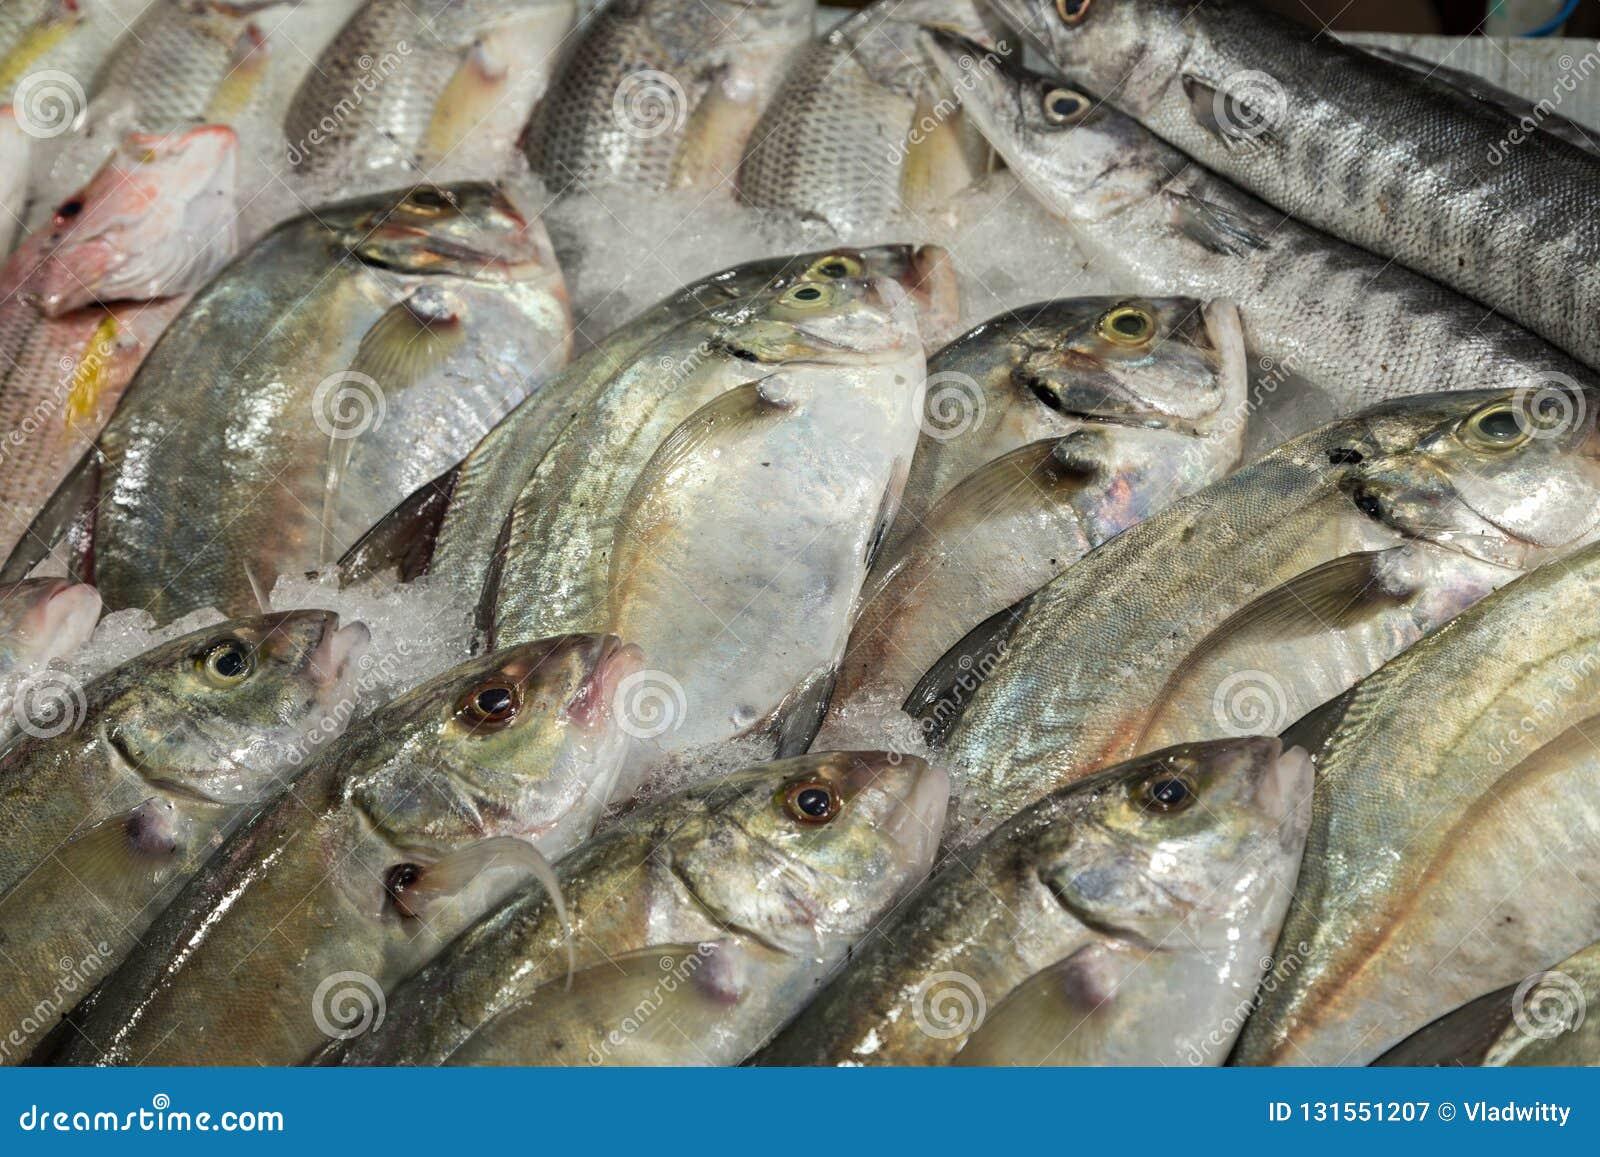 Fish market. Seafood background Sea food